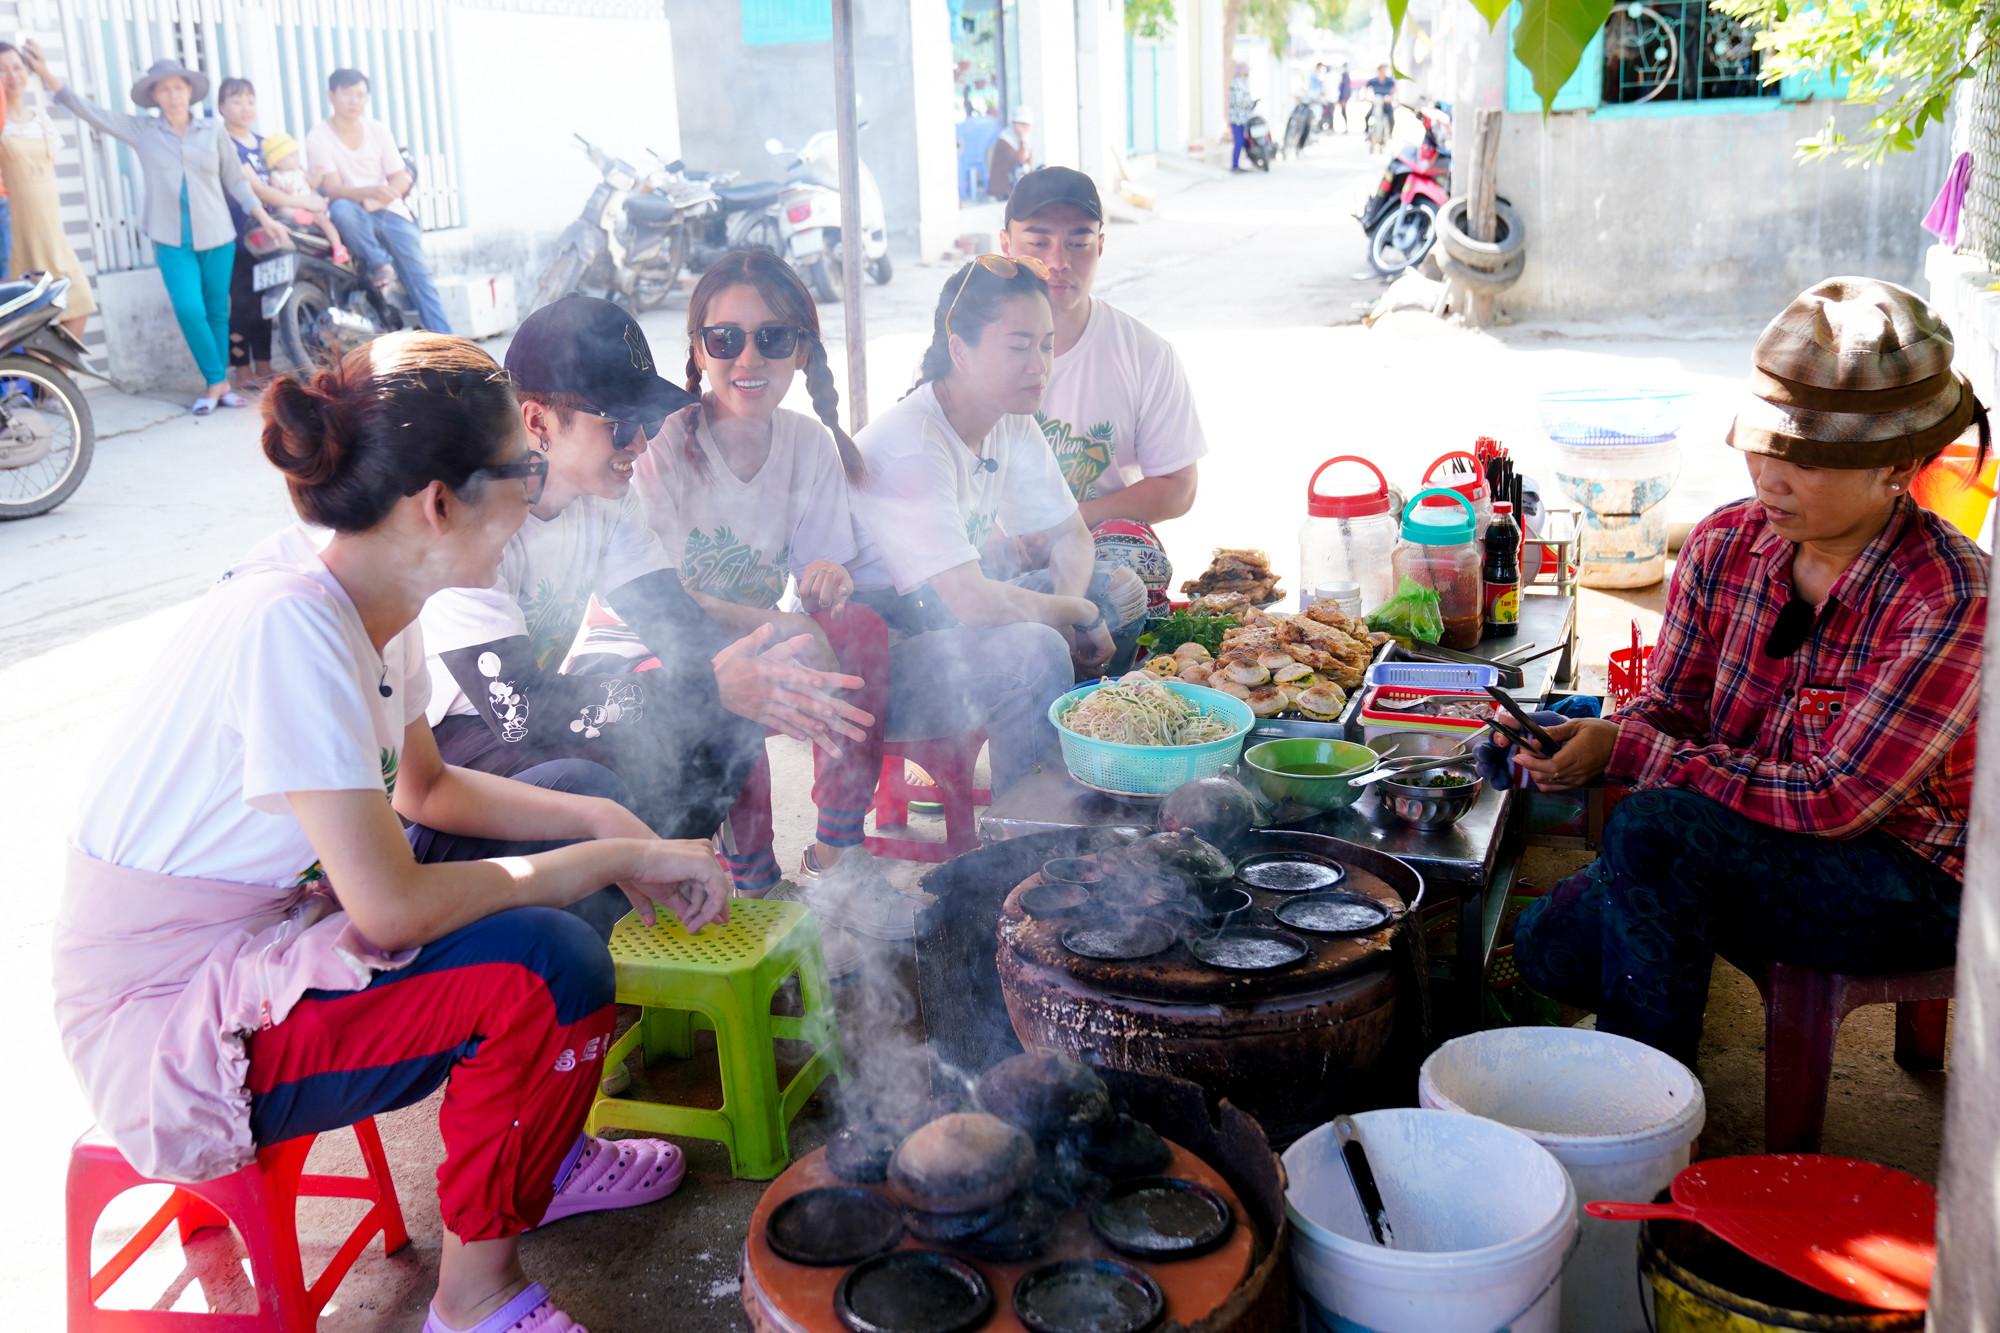 Hết Lâm Vỹ Dạ đến Gin Tuấn Kiệt bị xa lánh phải ra ruộng ngồi ăn bánh căn